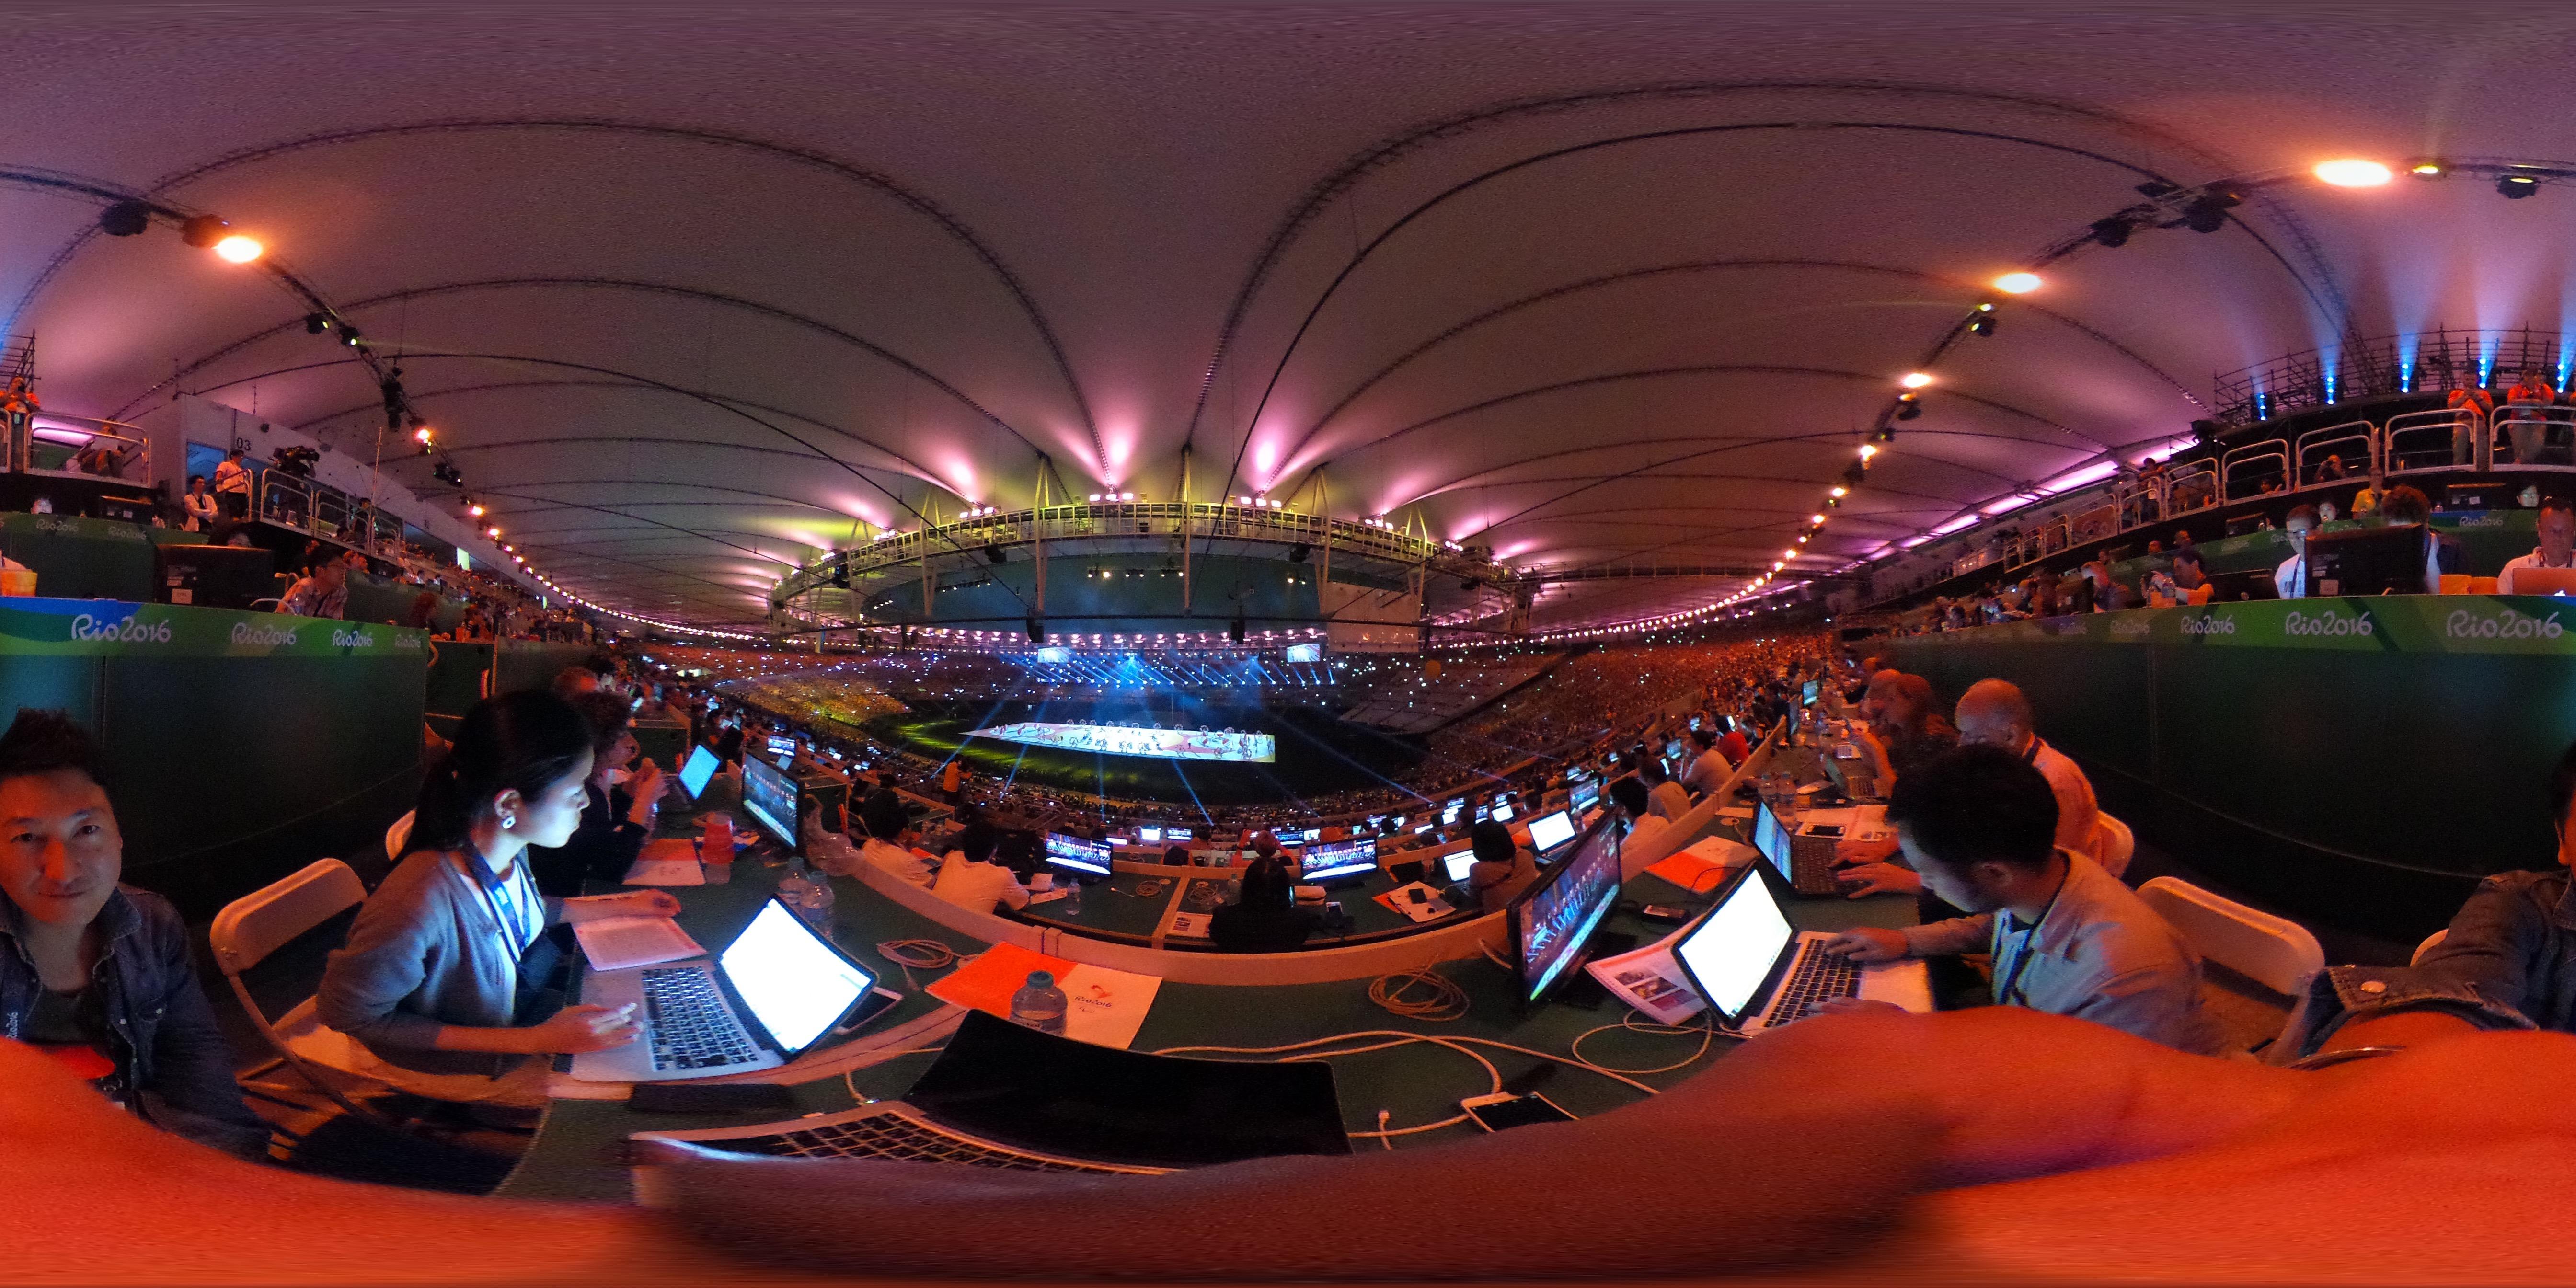 リオパラリンピック開幕! 幻想的な開会式の興奮を360度カメラで